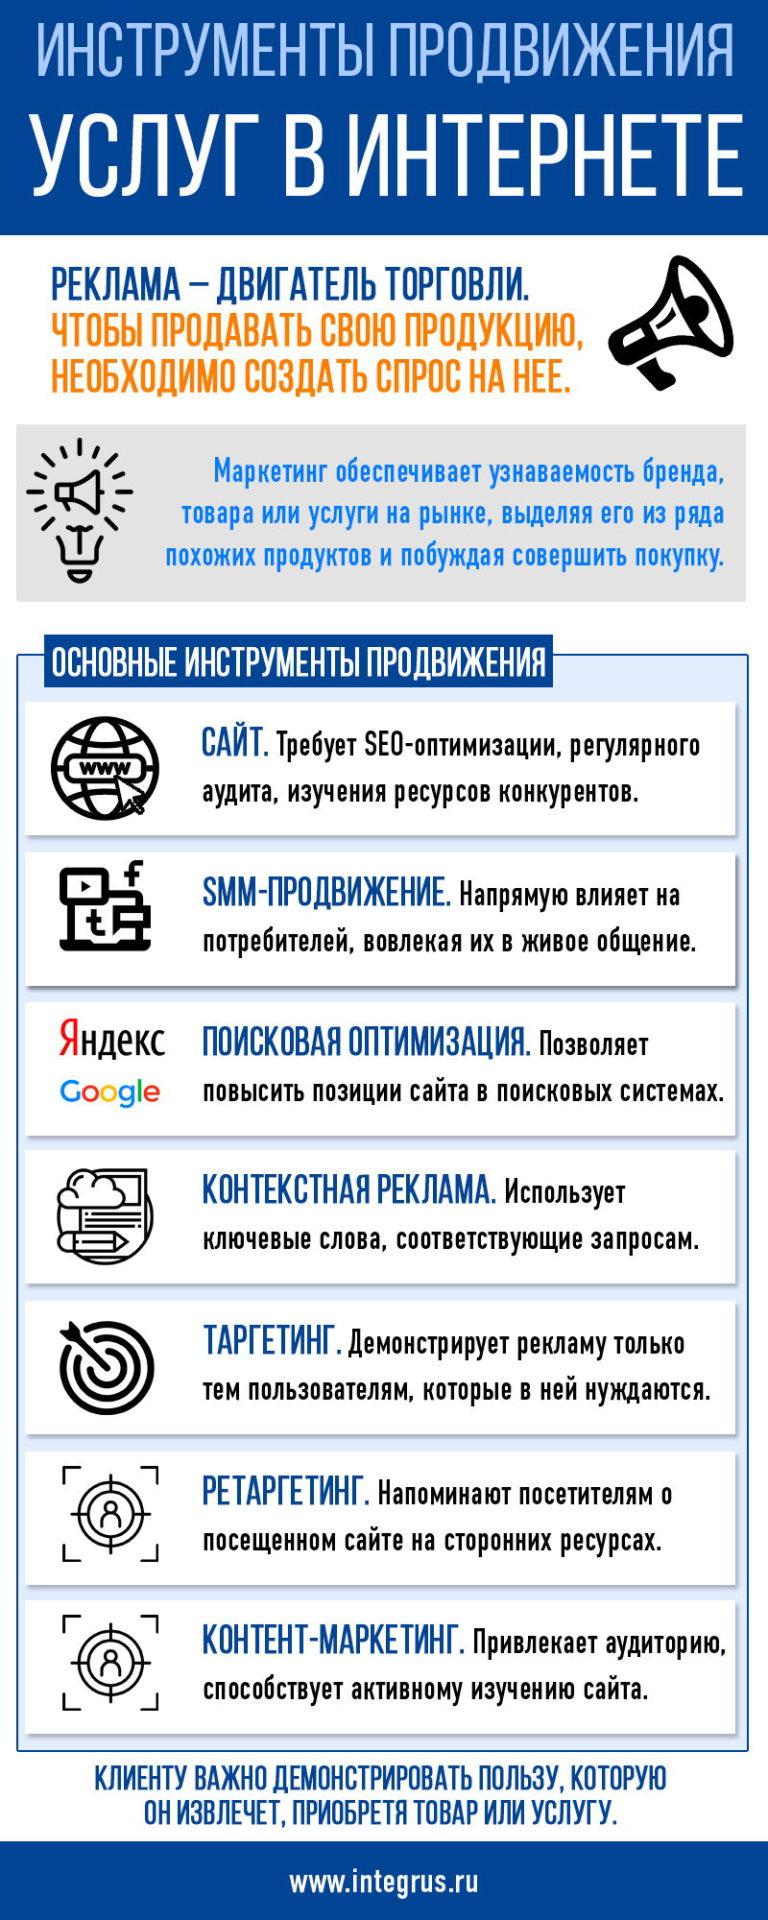 Инструменты продвижения услуг и товаров в сети Интернет